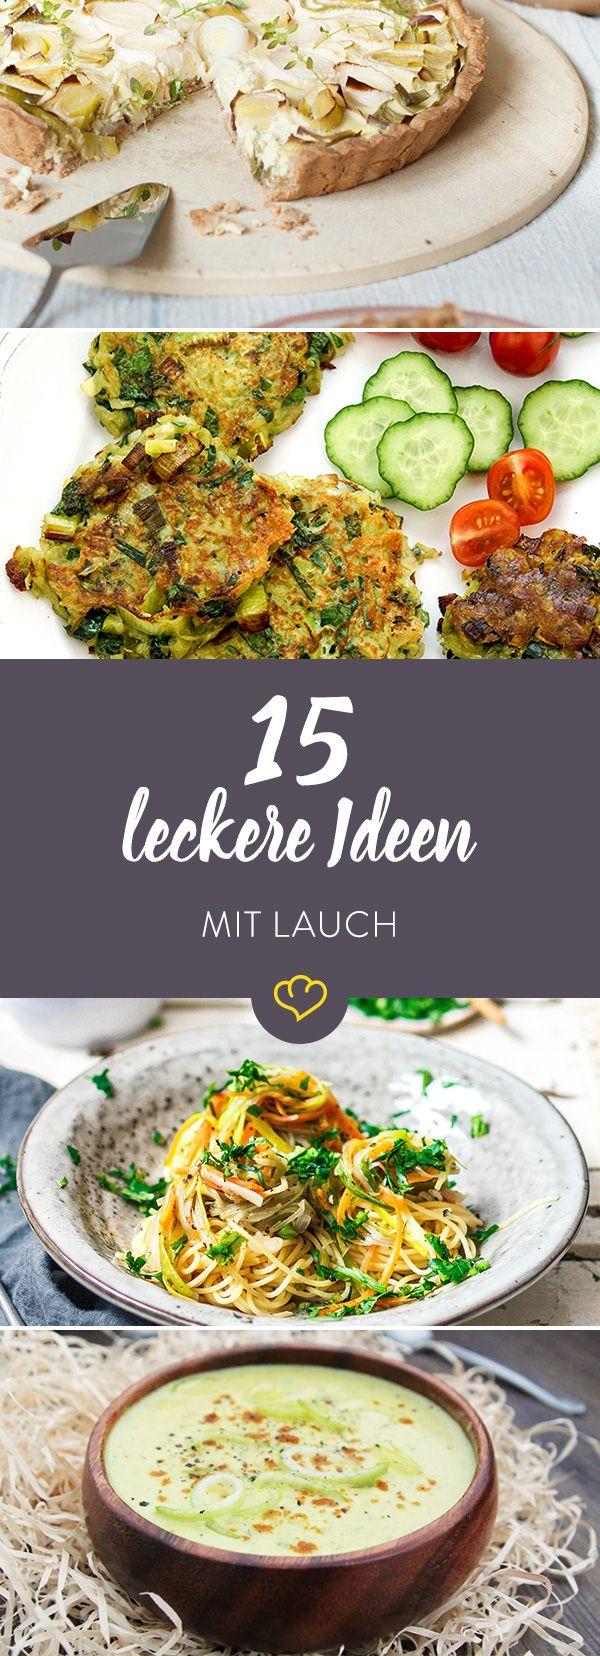 Sei kein Lauch - hau das Gemüse lieber in die Pfanne, in den Suppentopf oder auf einen buttrigen Tarteboden. Lass dich von unseren 15 Ideen inspirieren.